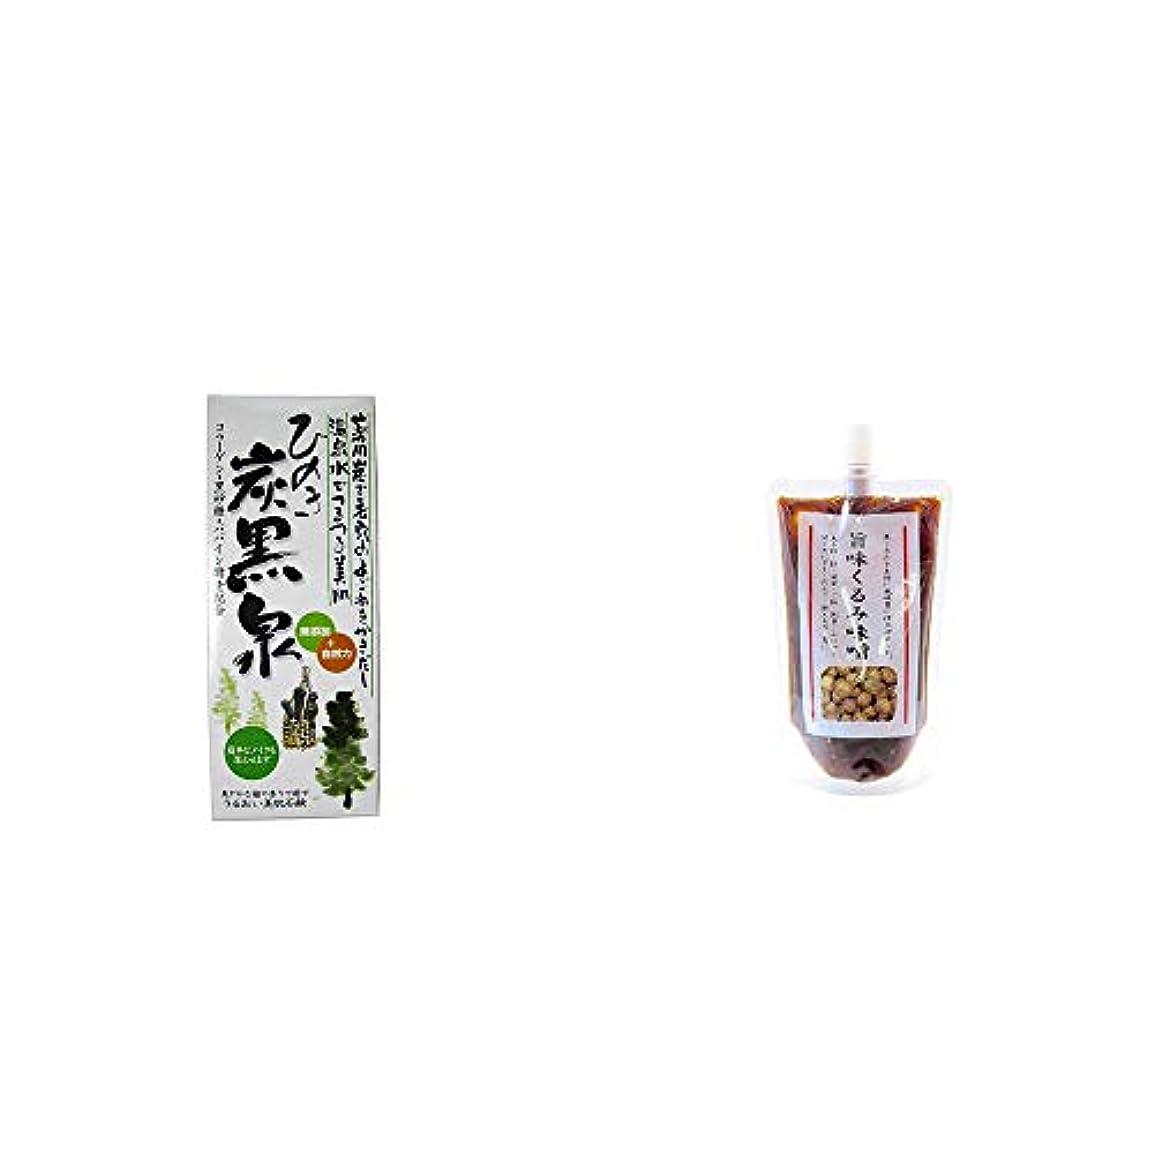 を通して乱用メッセンジャー[2点セット] ひのき炭黒泉 箱入り(75g×3)?旨味くるみ味噌(260g)